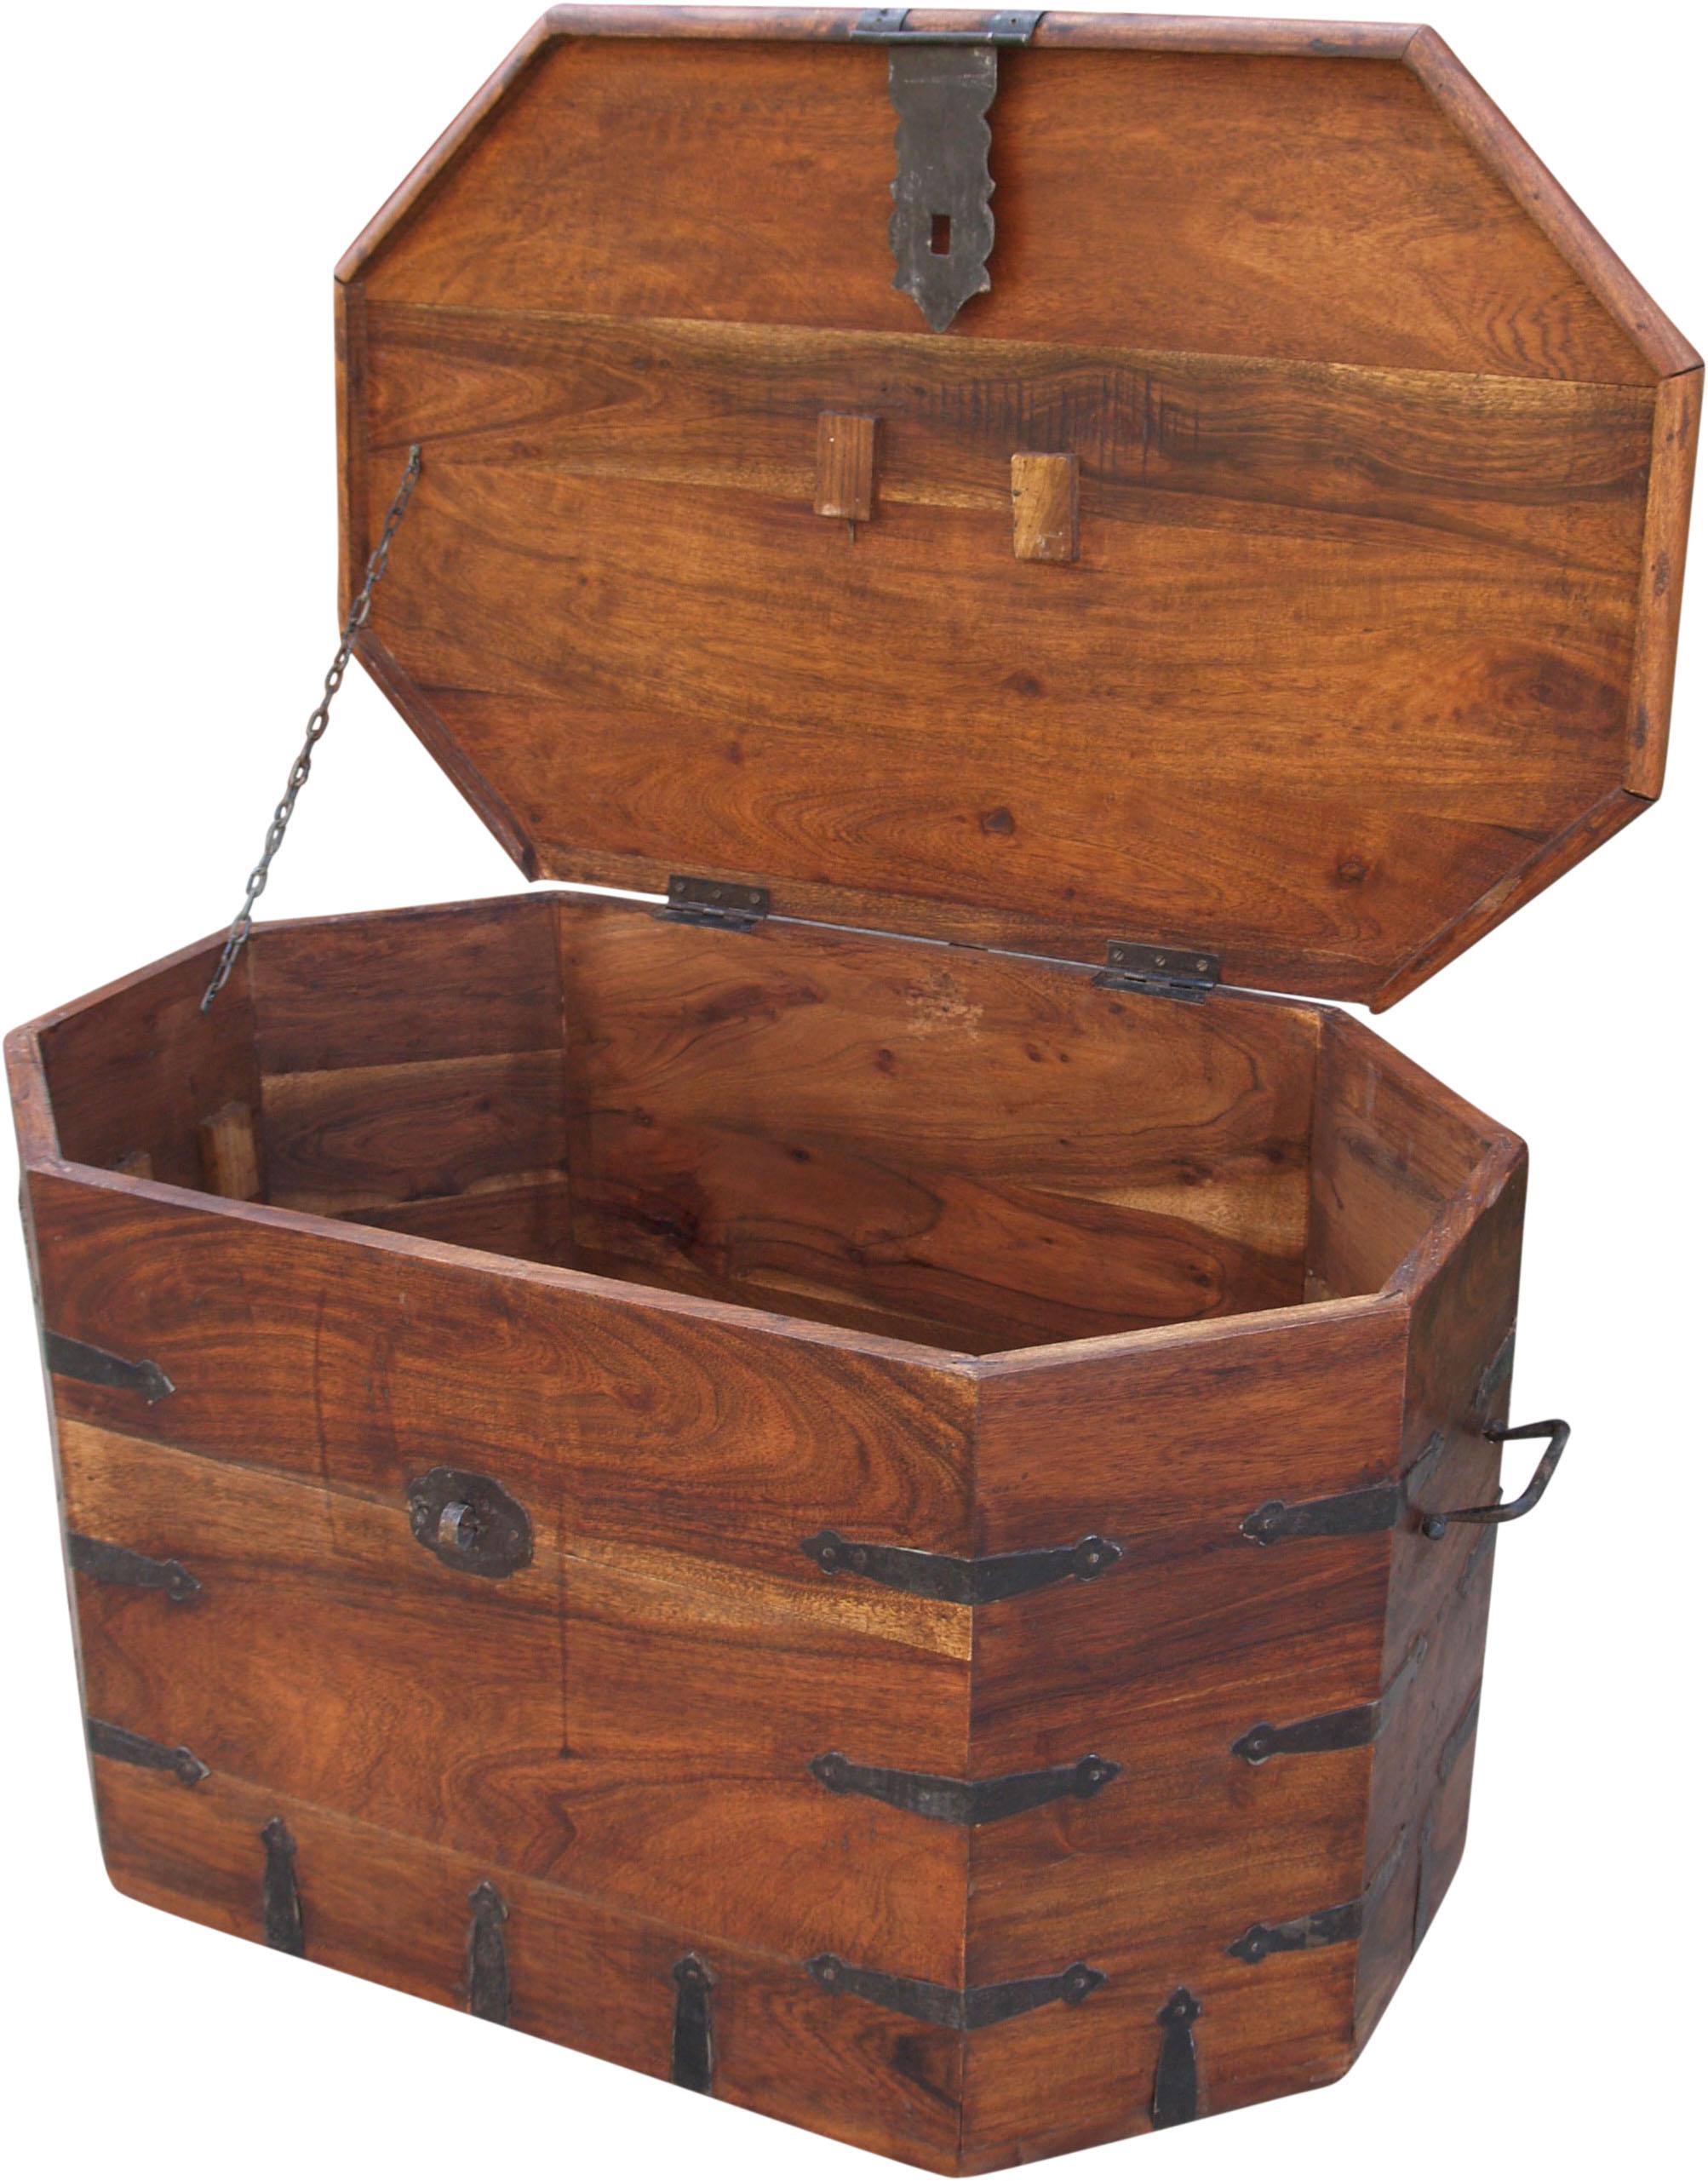 kolonialstil truhe tisch r349 33x70x40 cm. Black Bedroom Furniture Sets. Home Design Ideas